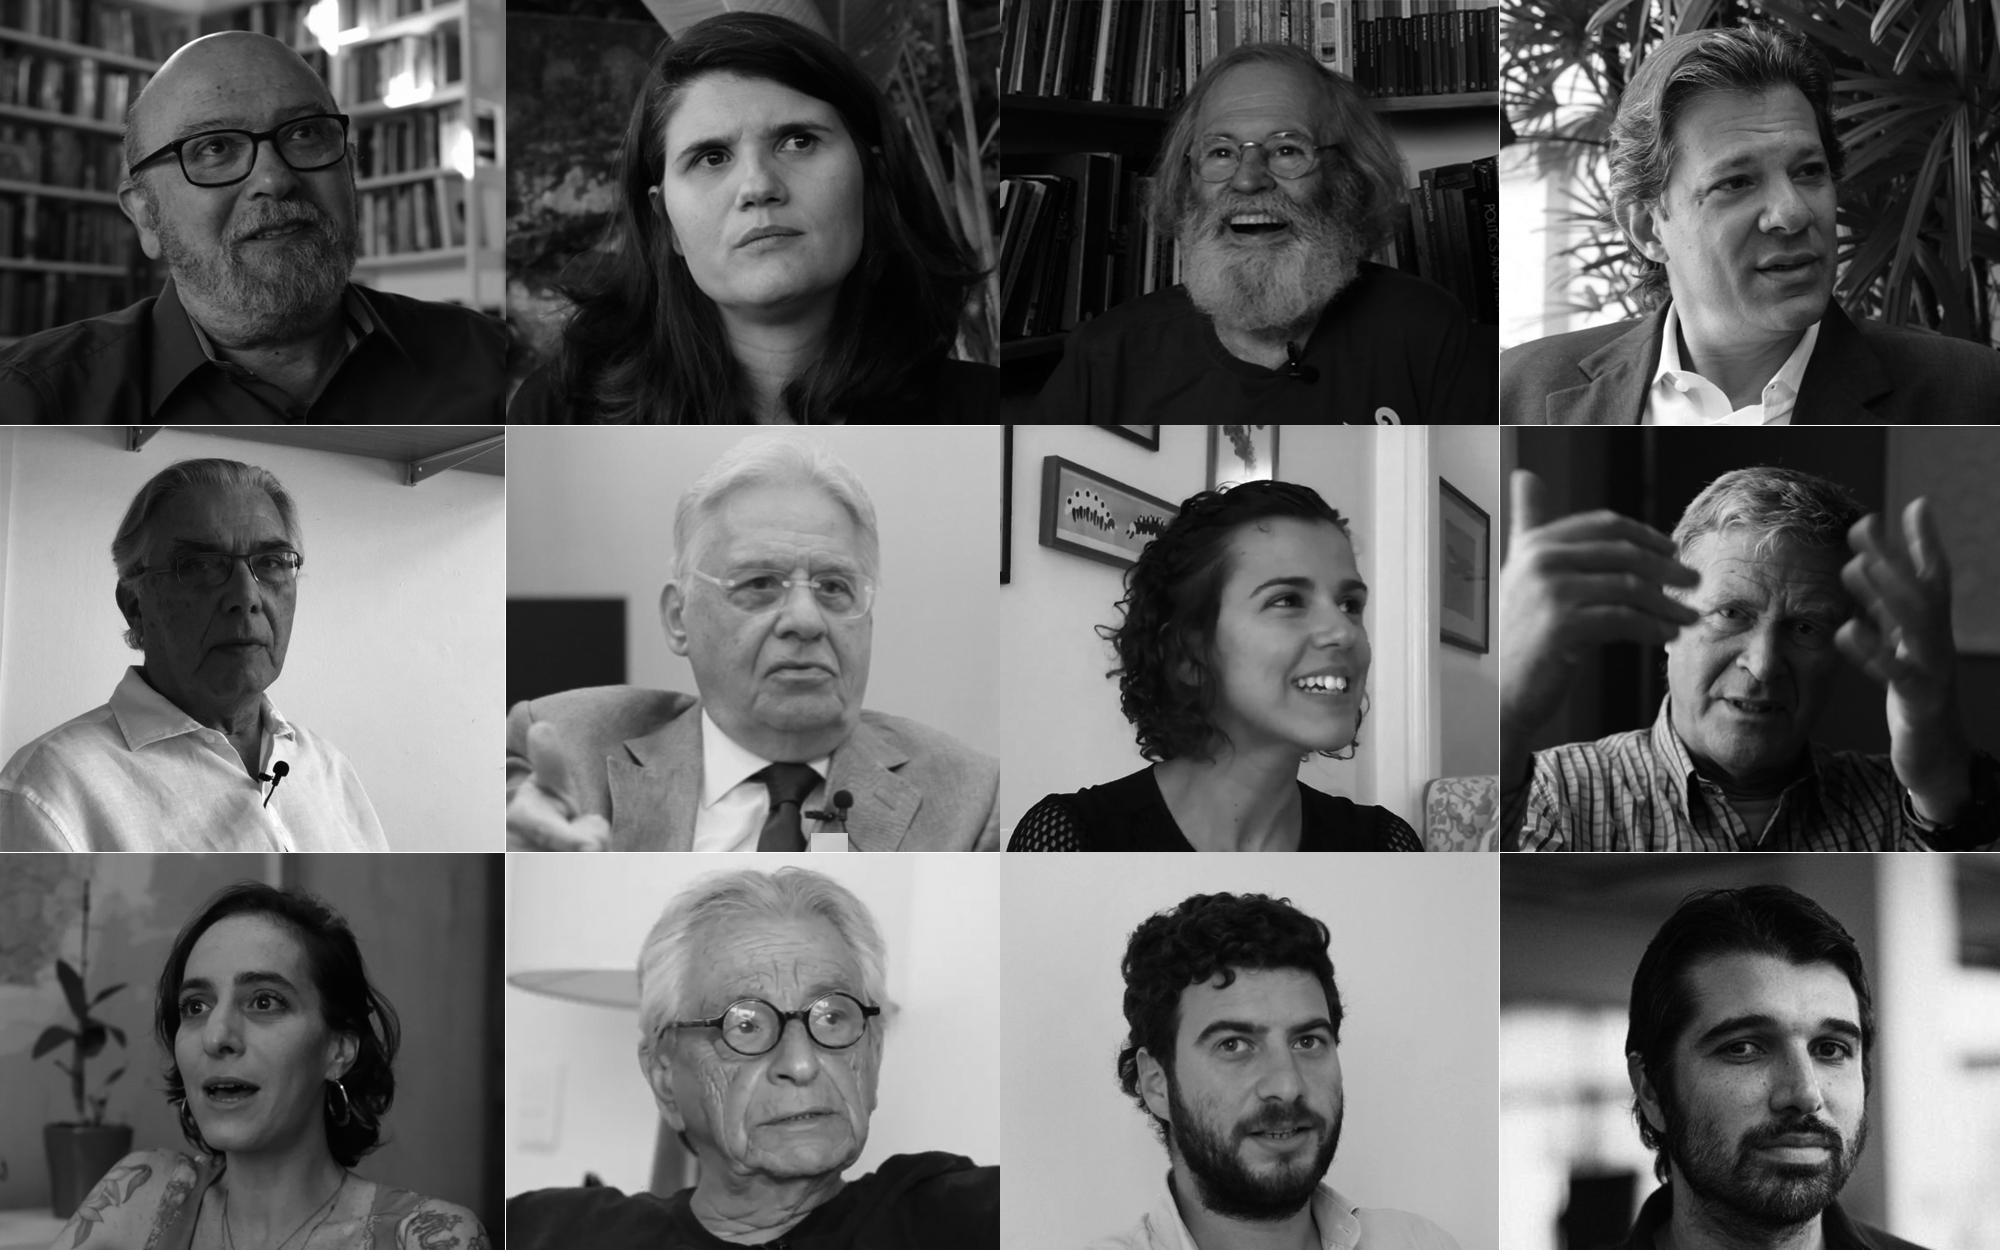 RUAS REBELDES - conversas inspiradas no documentário No Intenso Agora